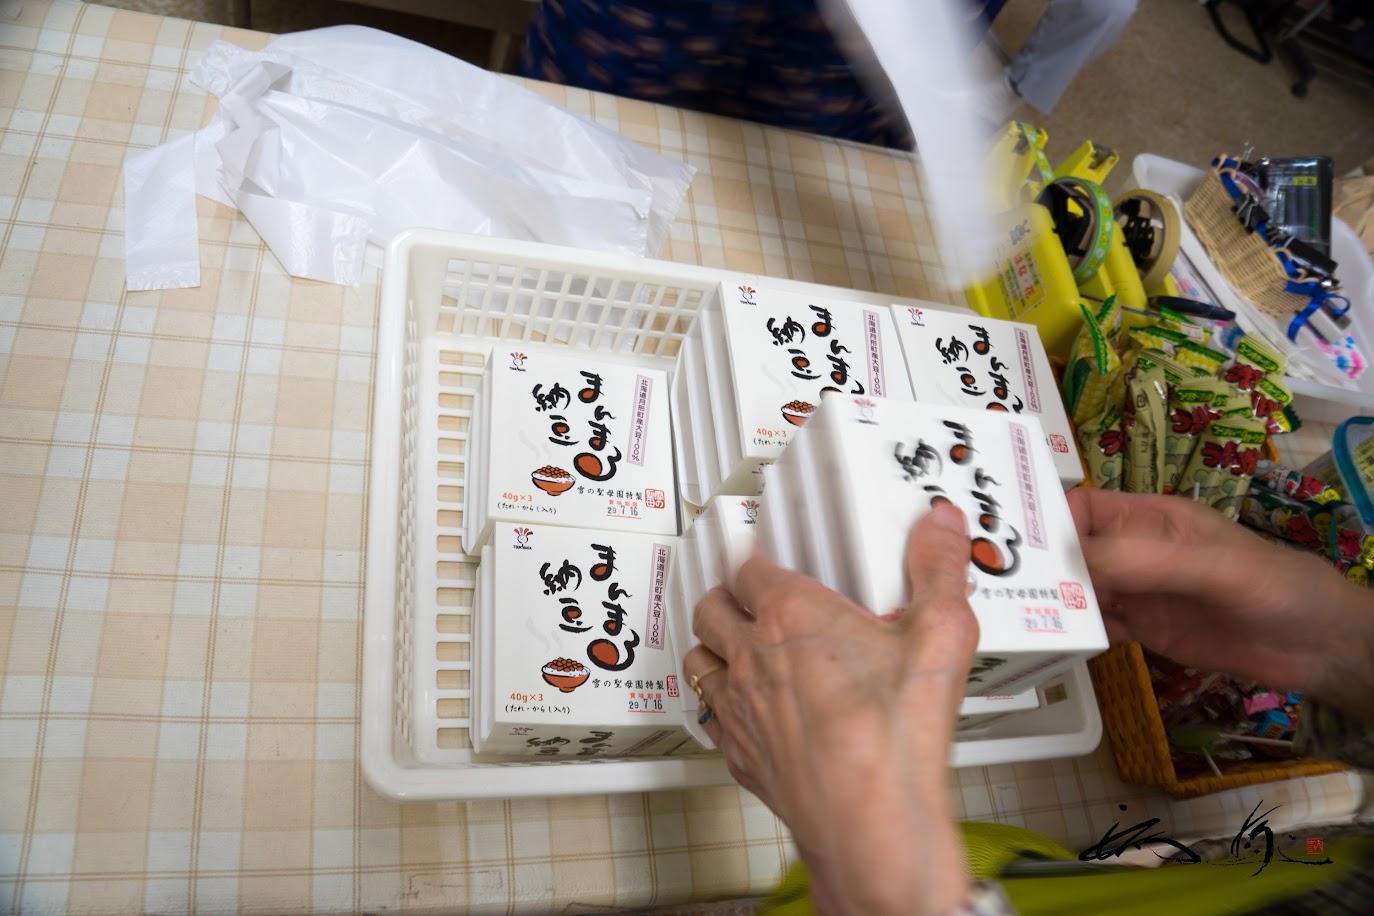 JA石狩月形駅前「コミュニティショップゆづき」で販売されている「まんまる納豆」